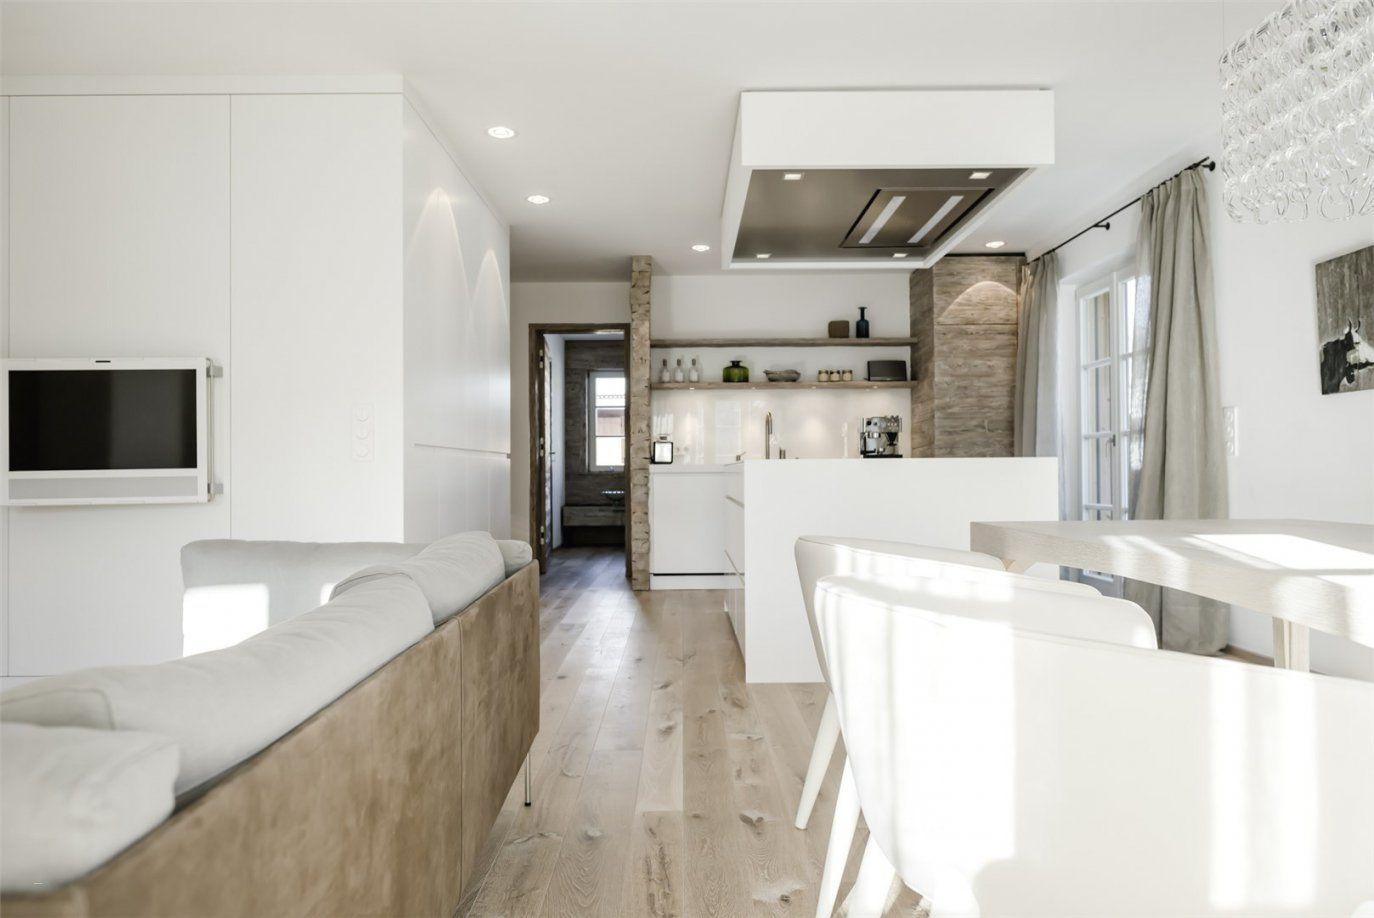 Ideen Offene Küche Wohnzimmer Unglaublich Boden Dekoration von Ideen Offene Küche Wohnzimmer Photo